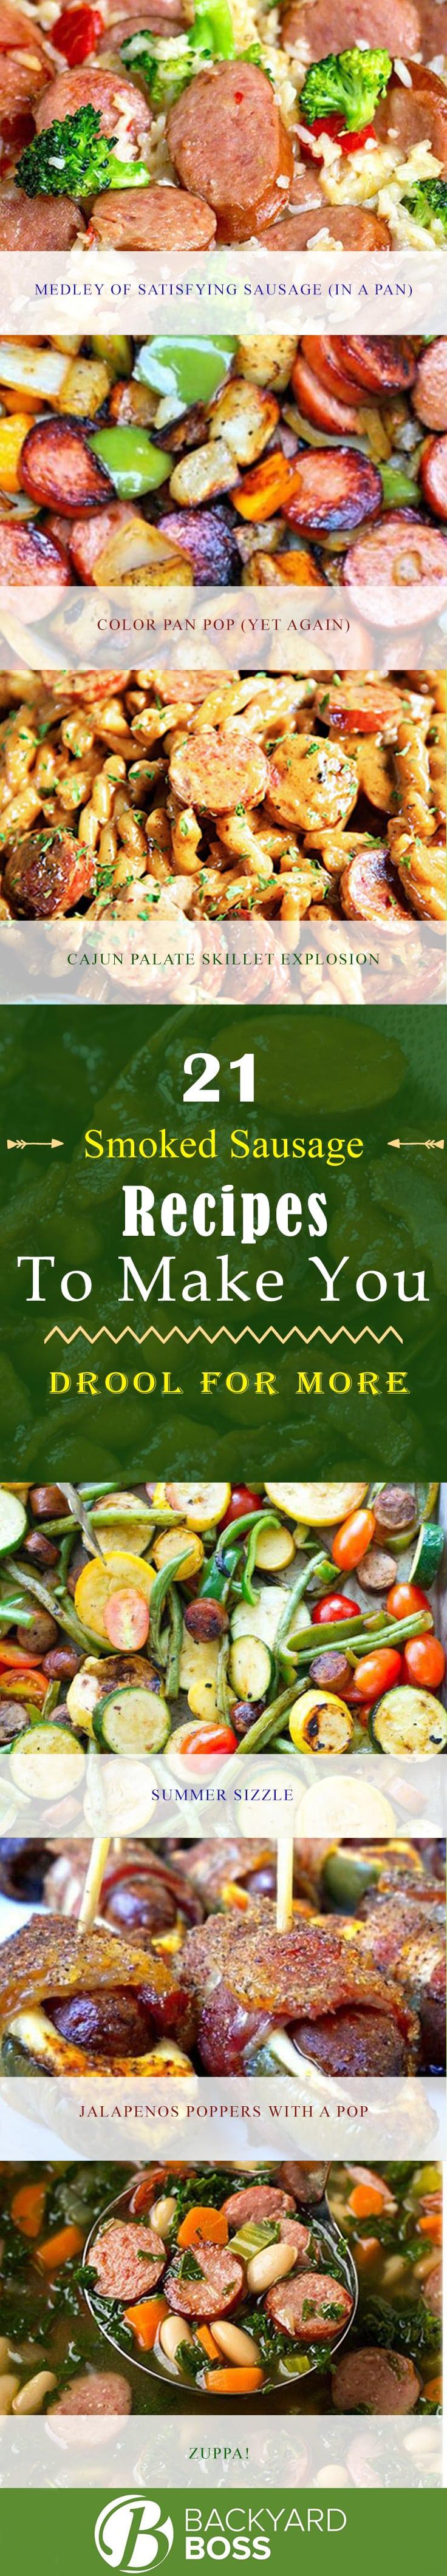 21-smoked-sausage-recipes